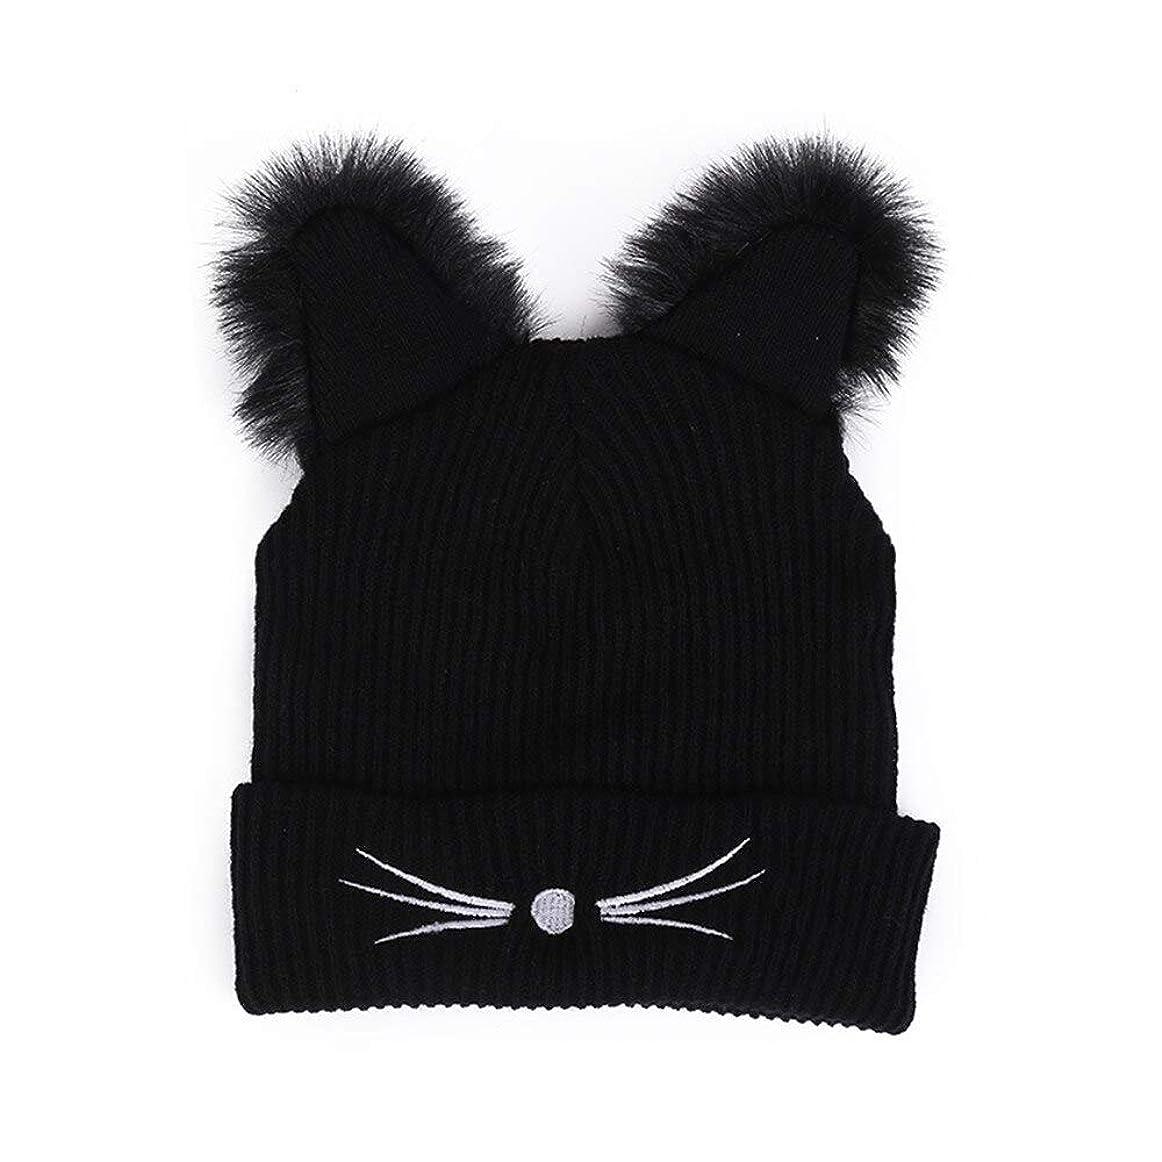 気になる行列追い出すPIAO の耳女性の帽子ニットアクリル暖かい冬のビーニーキャップかぎ針ファー屋外キャップ # YL5帽子 レディース 冬